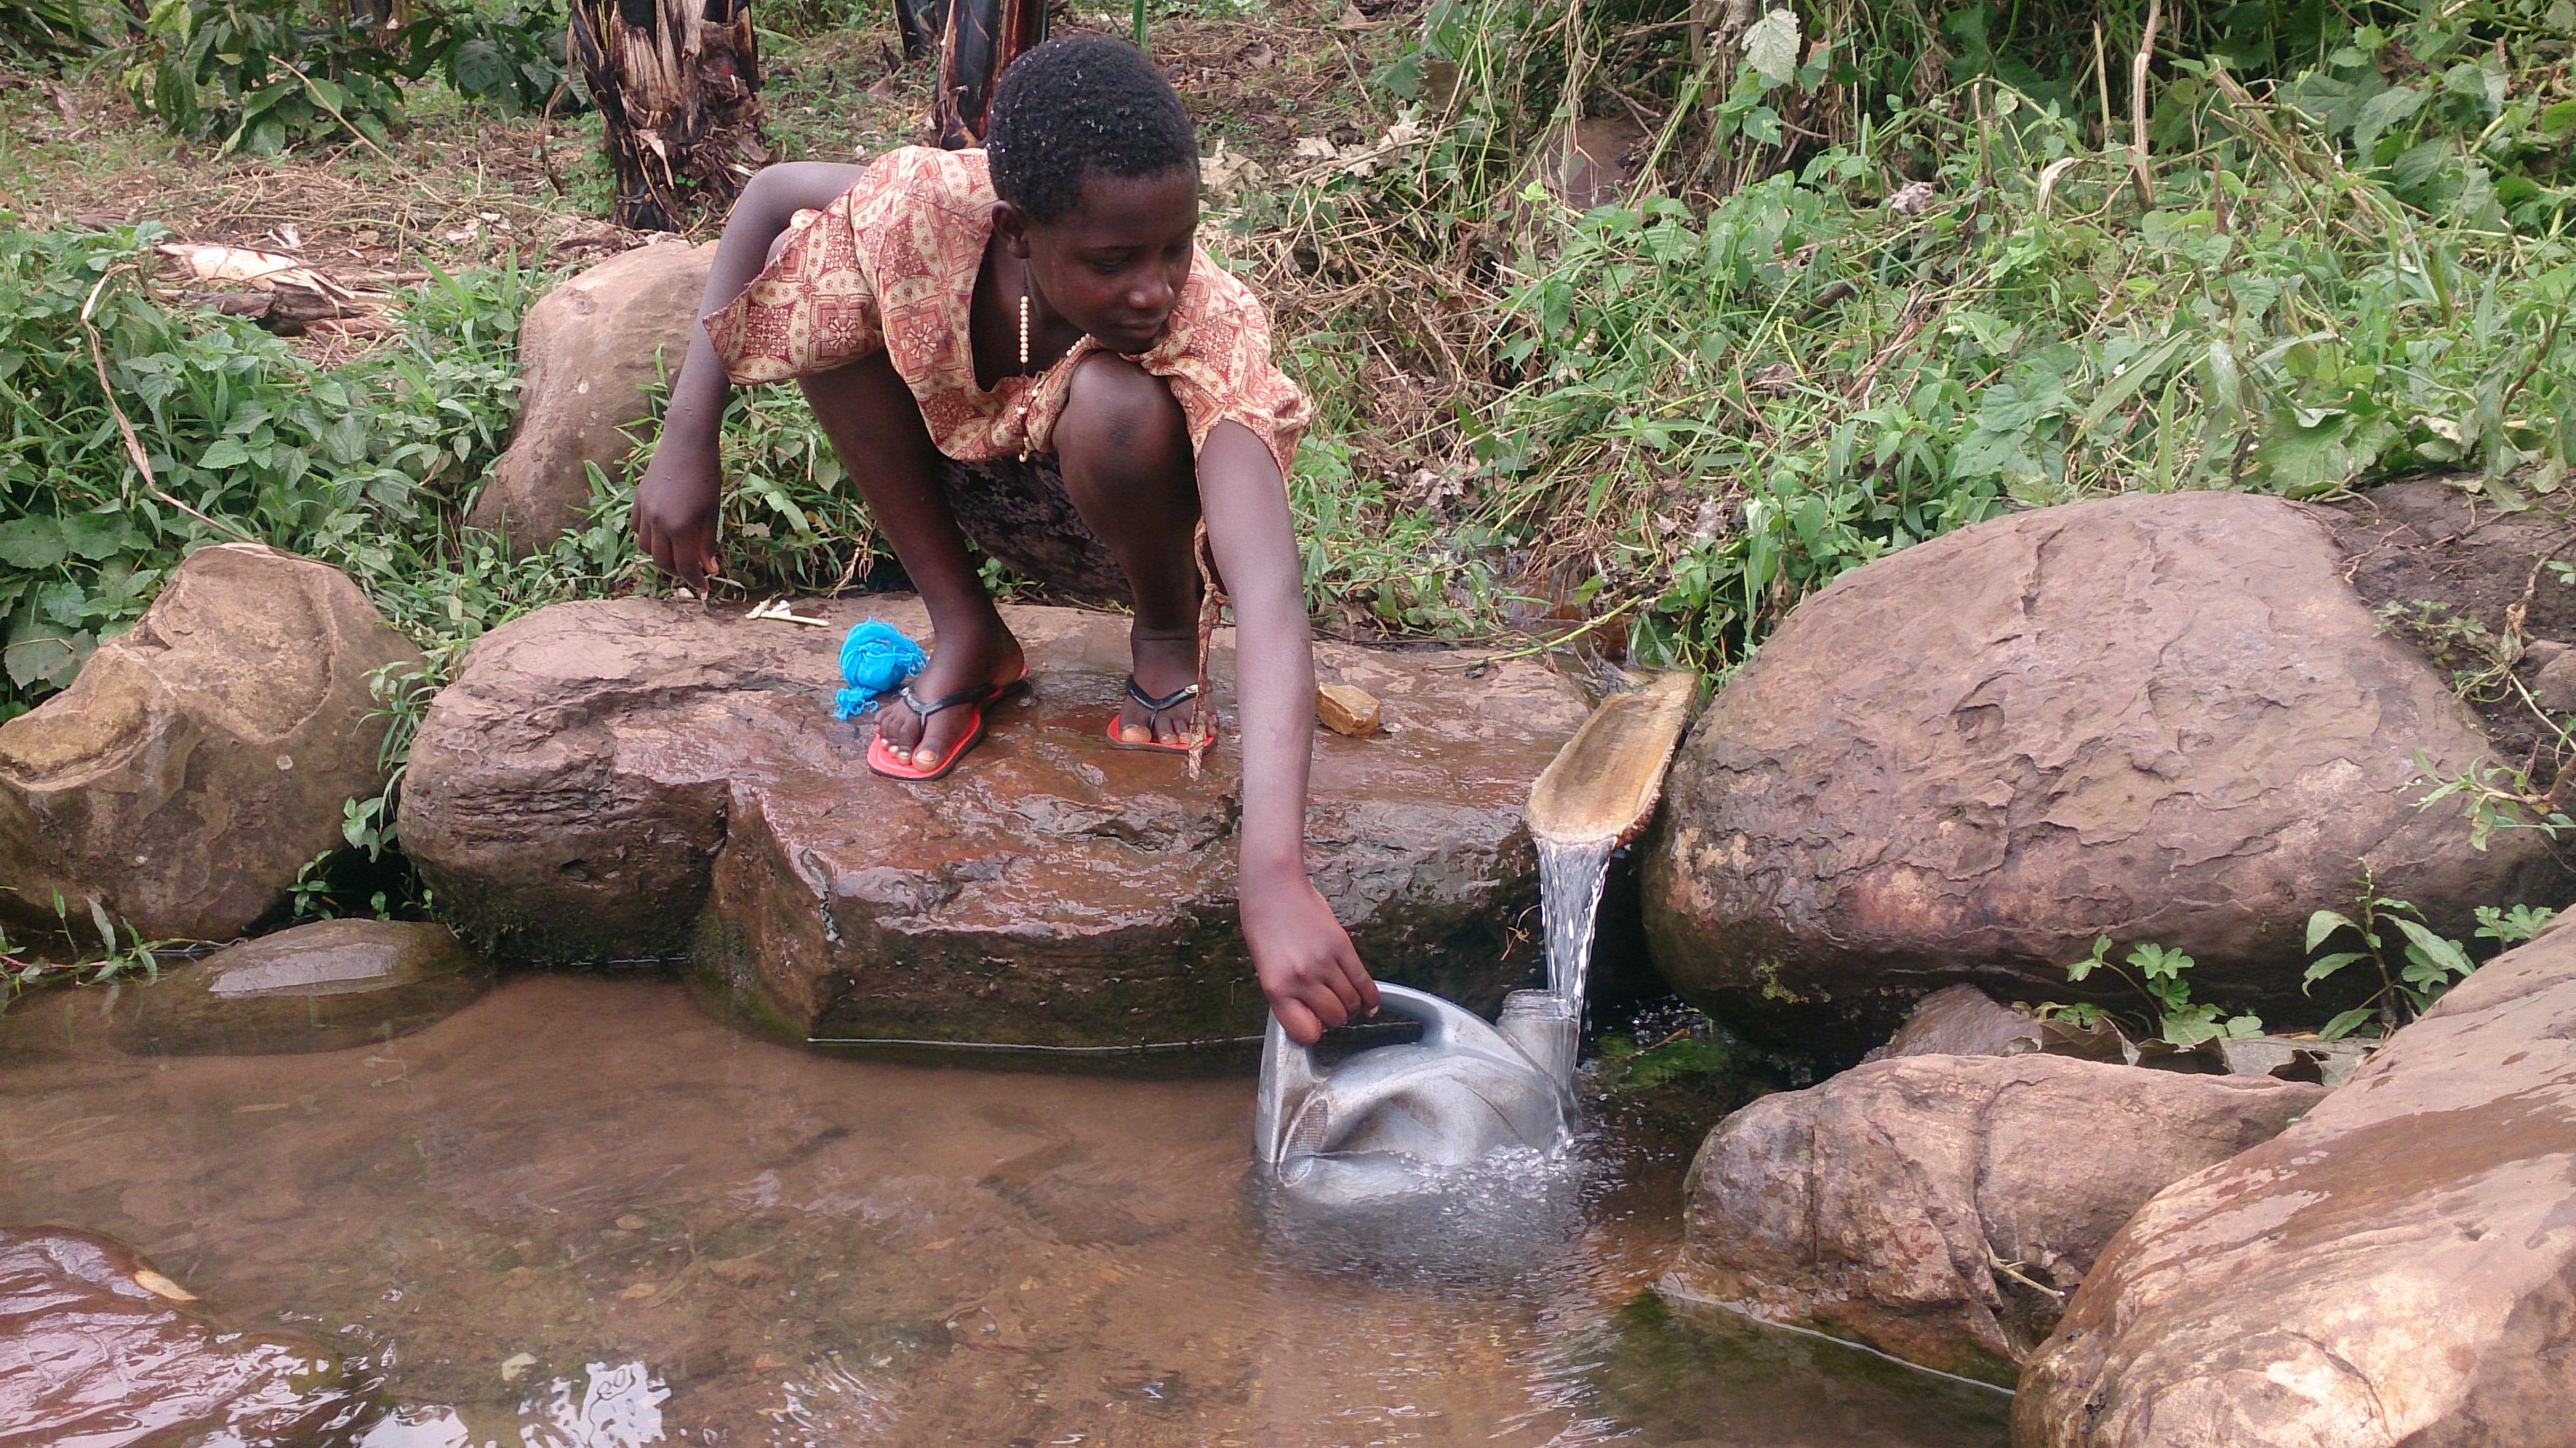 رواندا: شركة بيرة تنتج الطاقة من مياه الصرف الصحي إلى غلايات حرارية